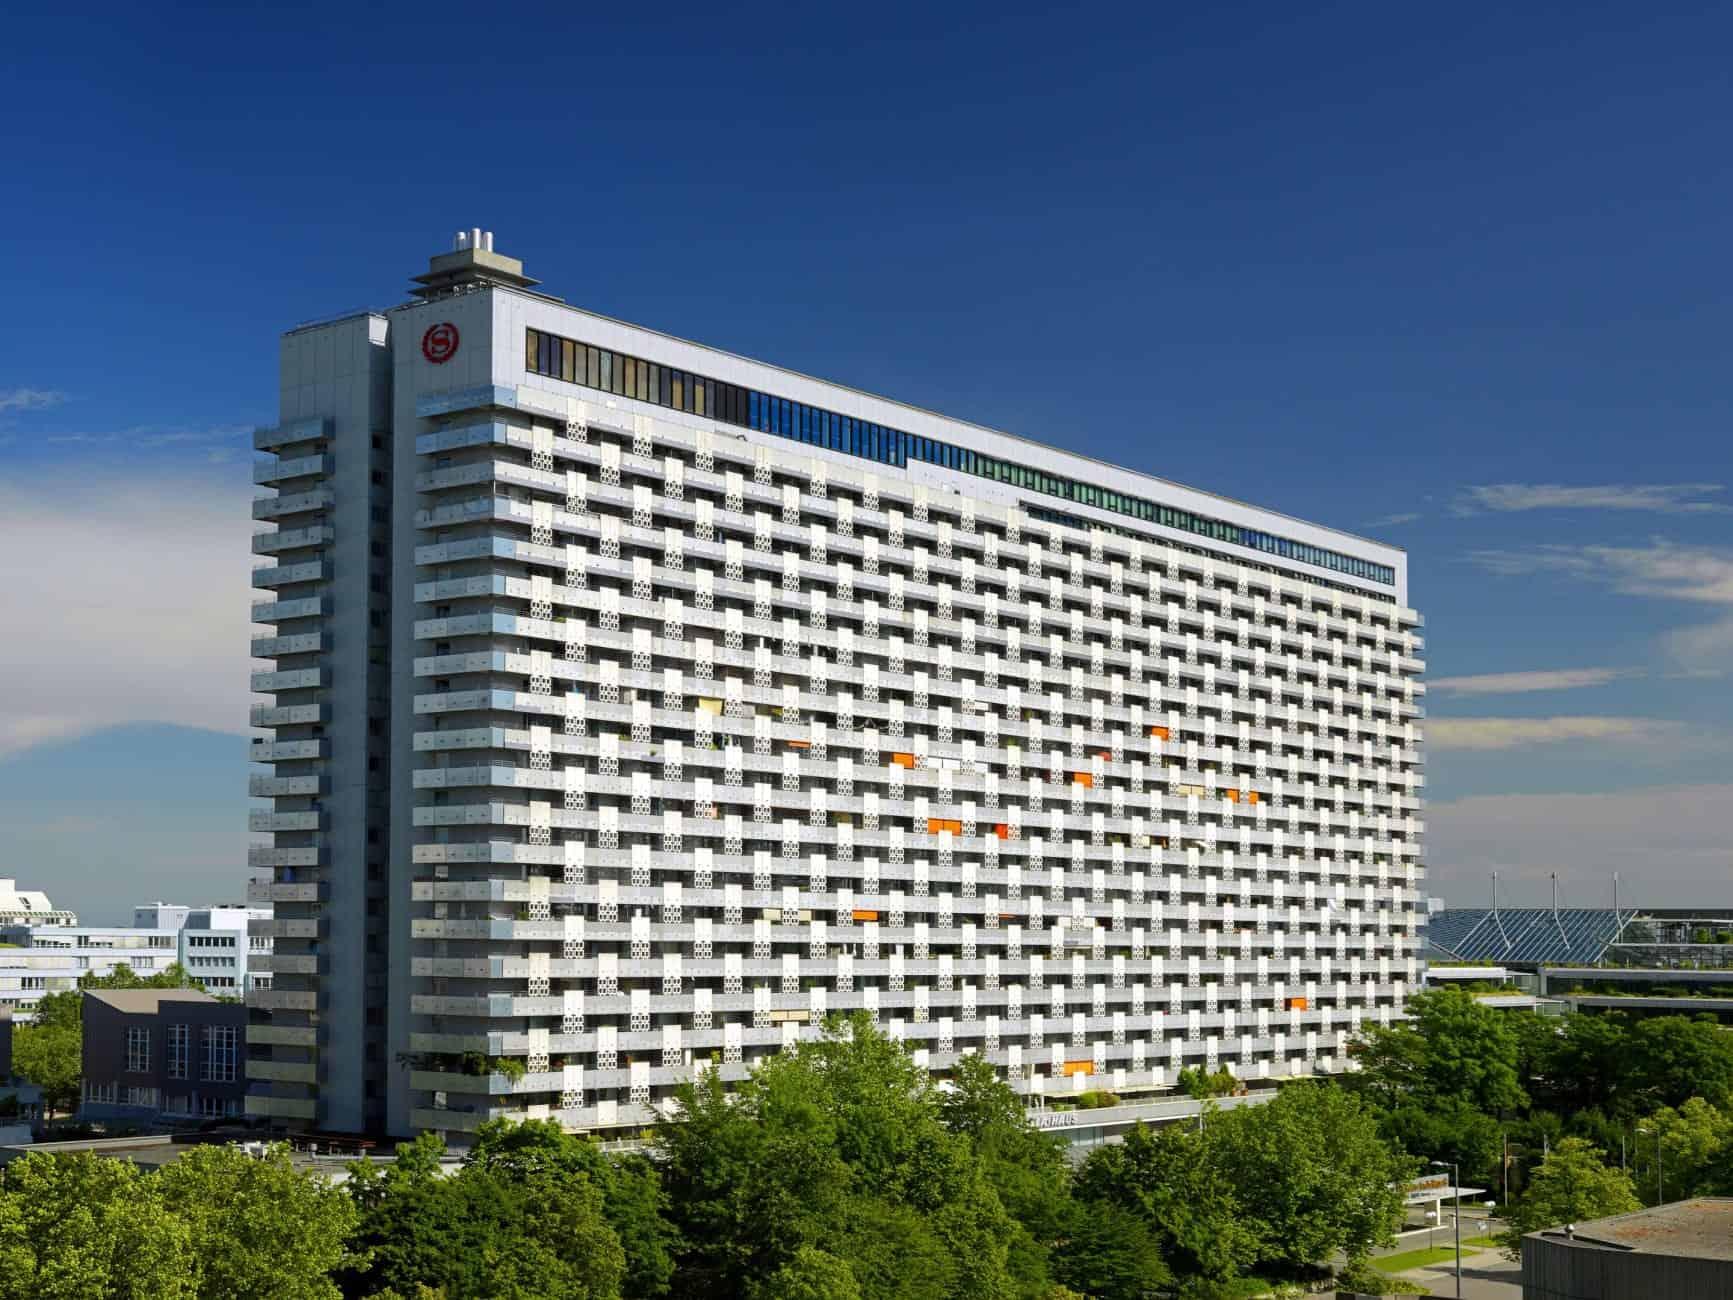 تقرير رائع عن فندق شيراتون ميونخ ويست بارك